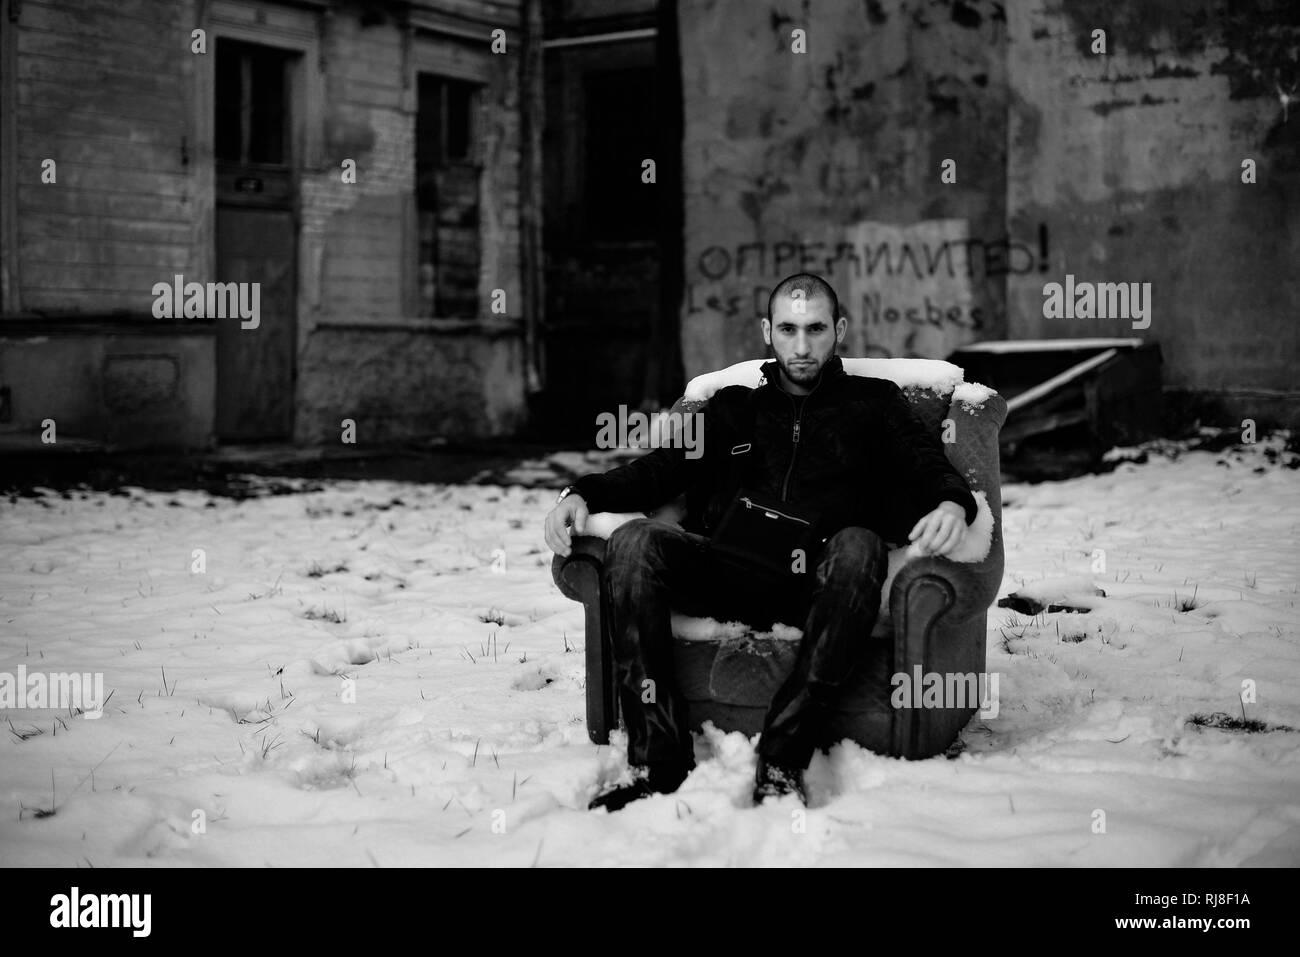 Ritratto in bianco e nero di un coraggioso ragazzo seduto sulla sedia  abbandonati per strada da c2c04dfad3c8